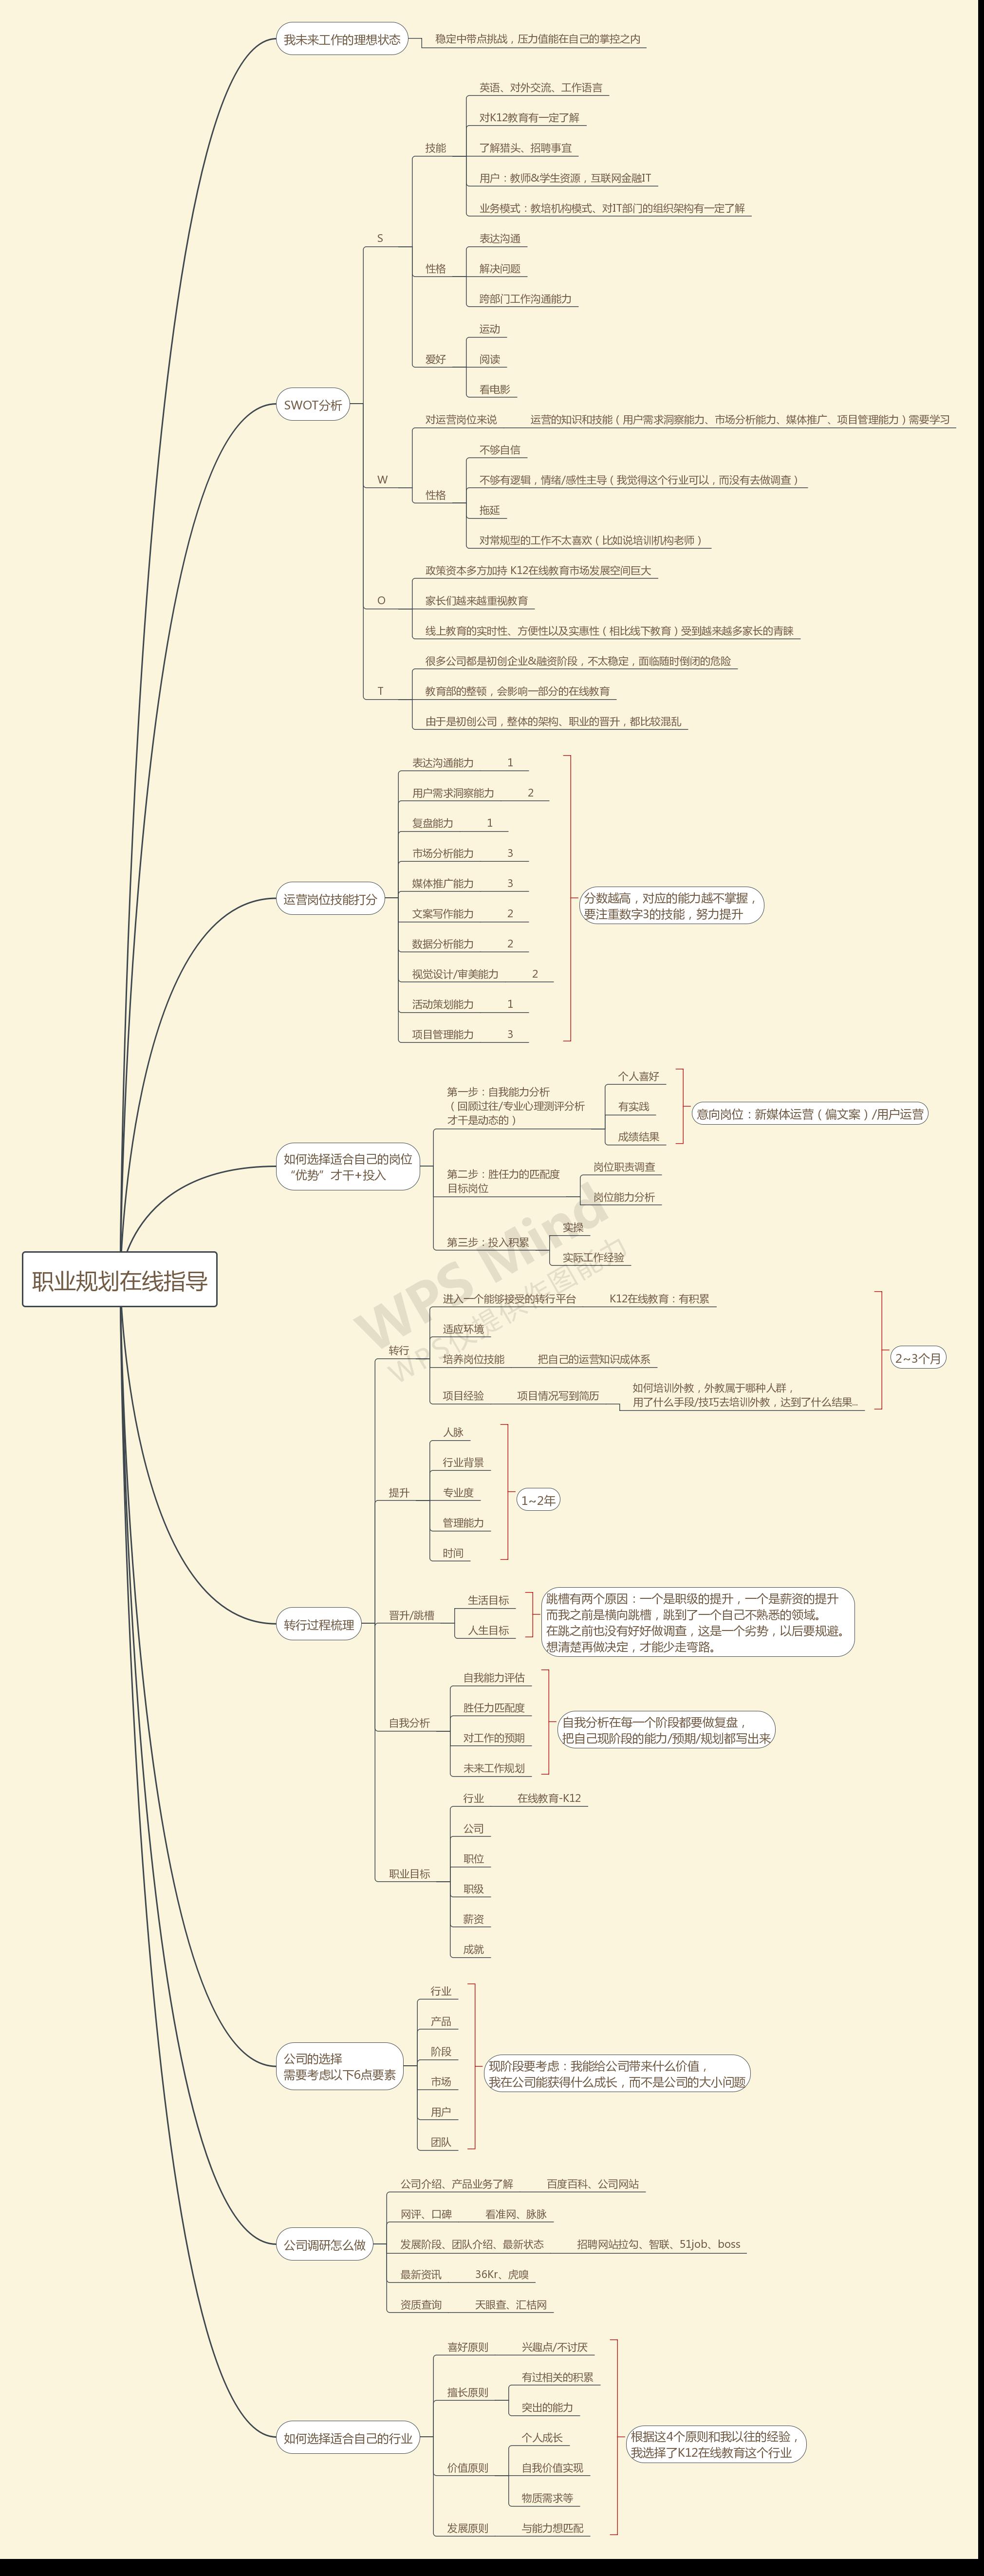 职业规划在线指导-复盘 (2).png